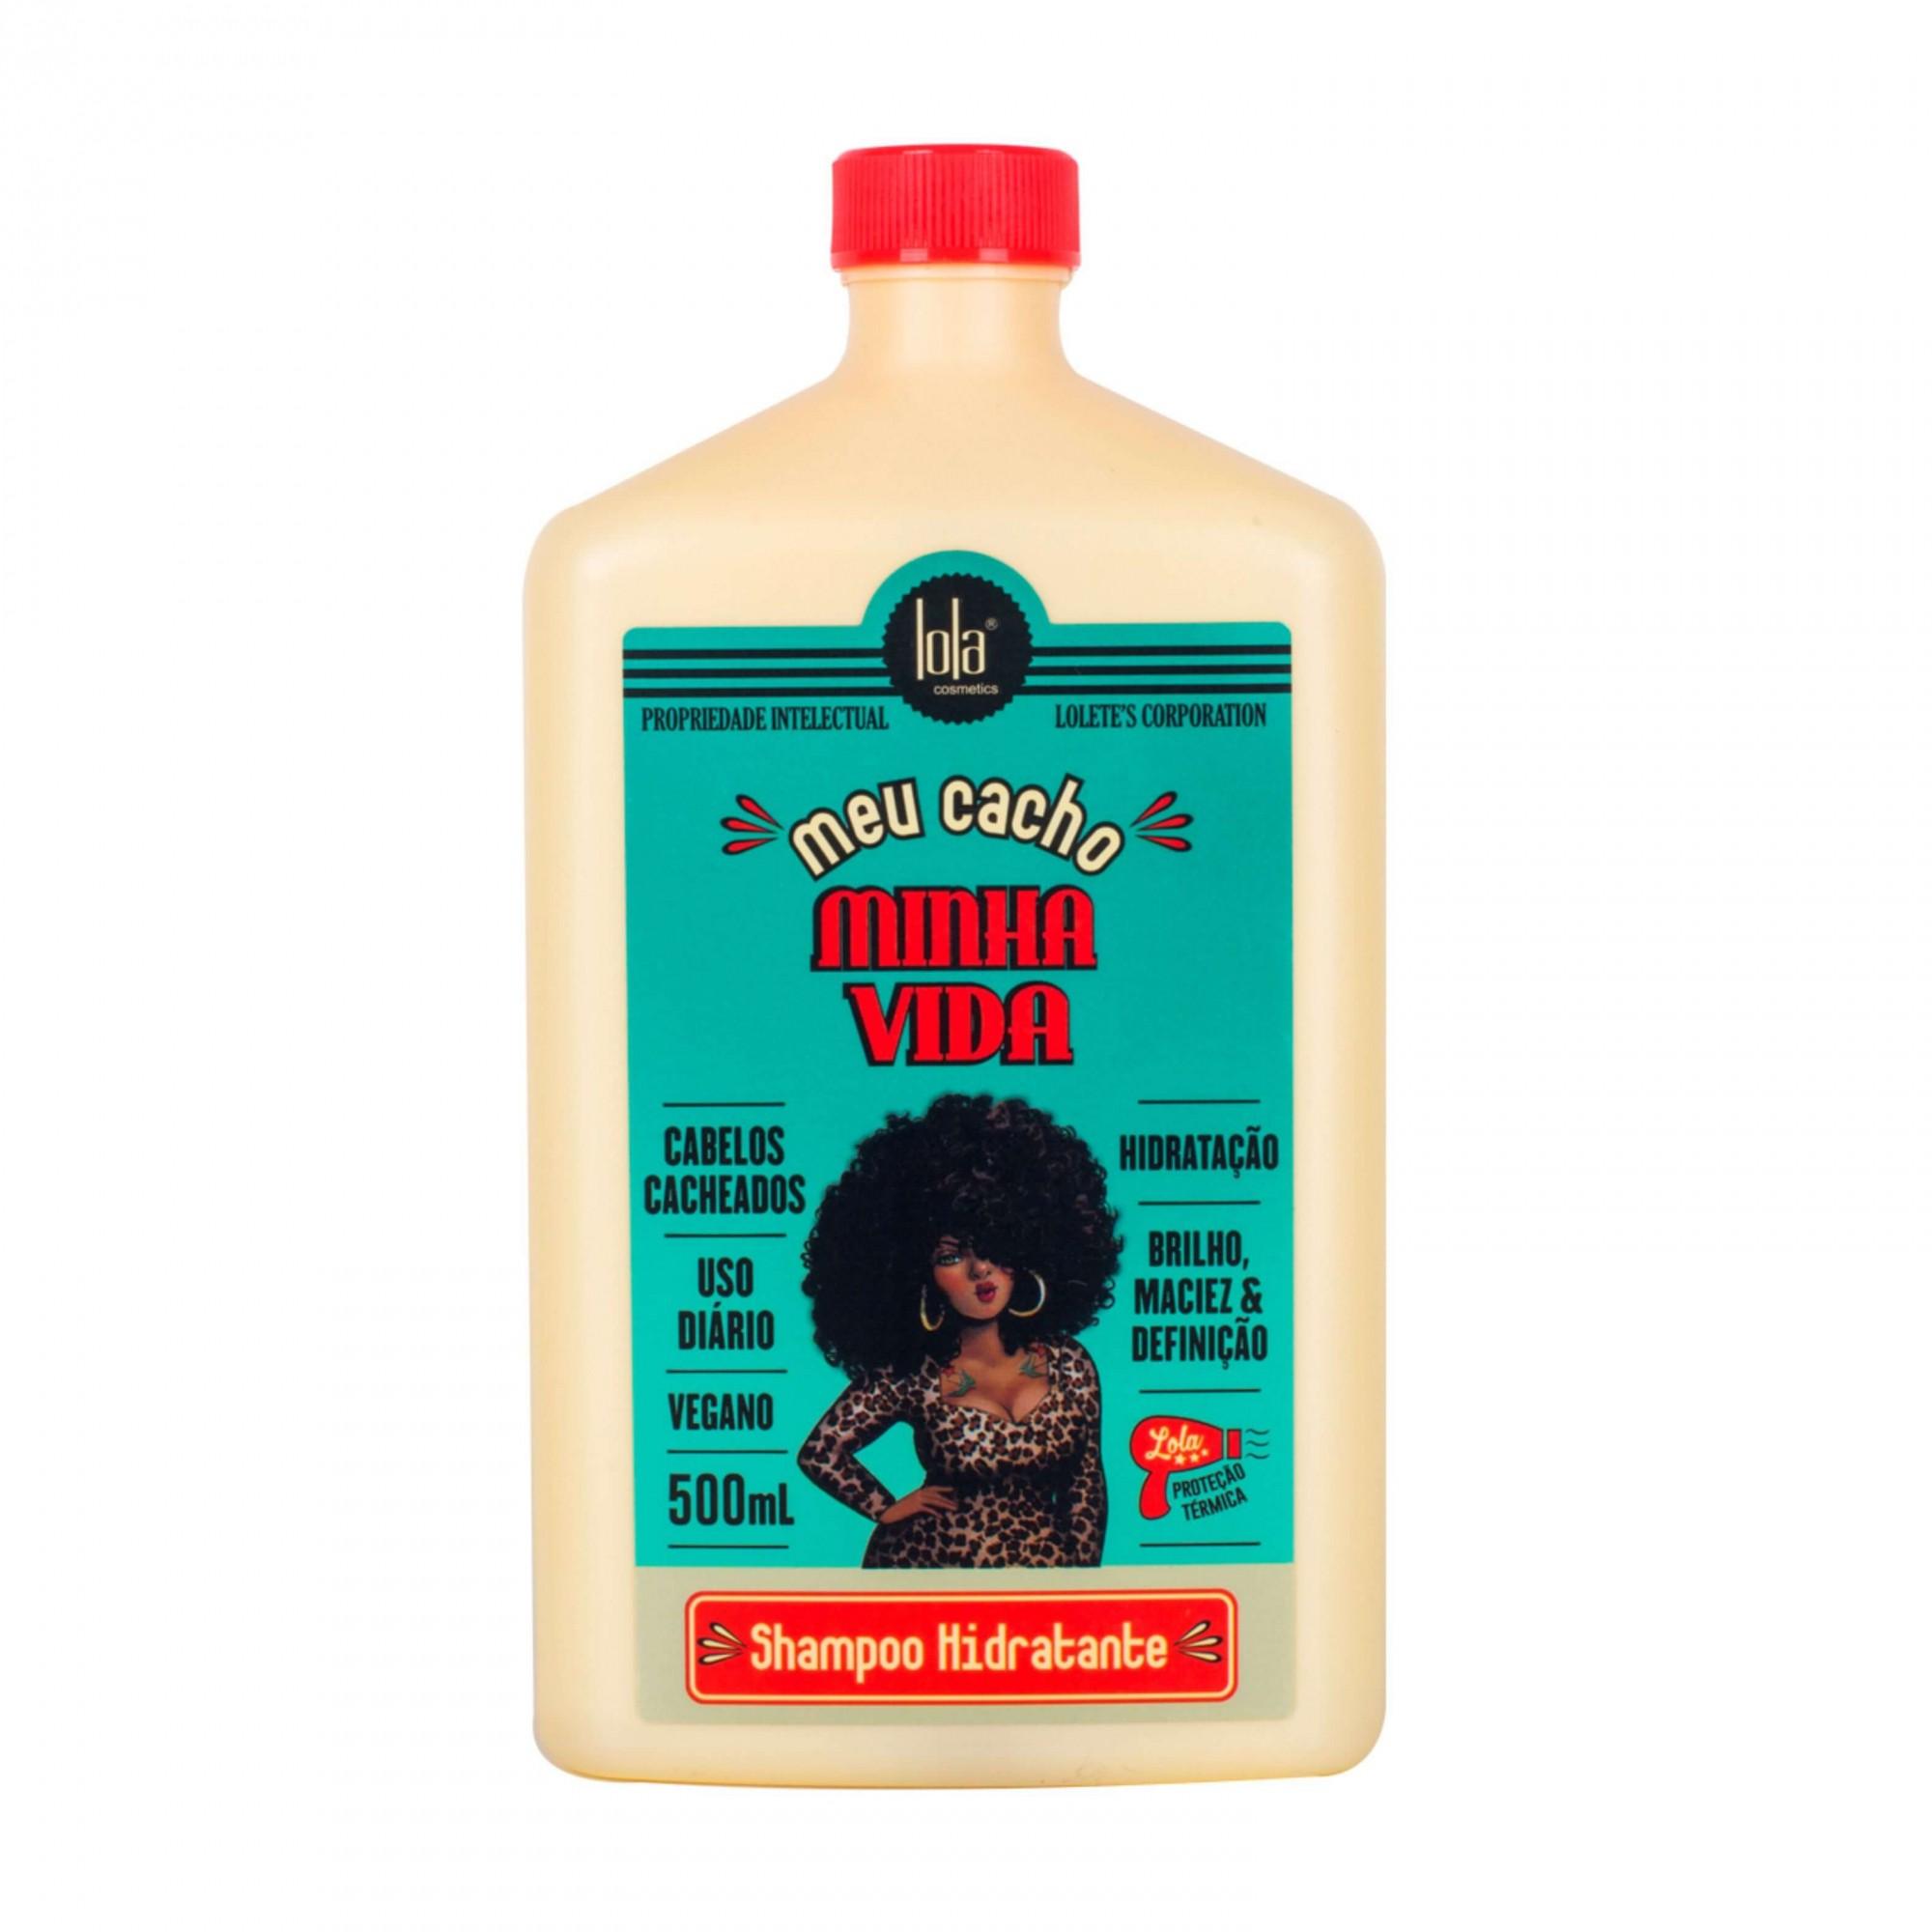 Lola Cosméticos Meu Cacho Minha Vida - Shampoo sem Sulfato 500ml